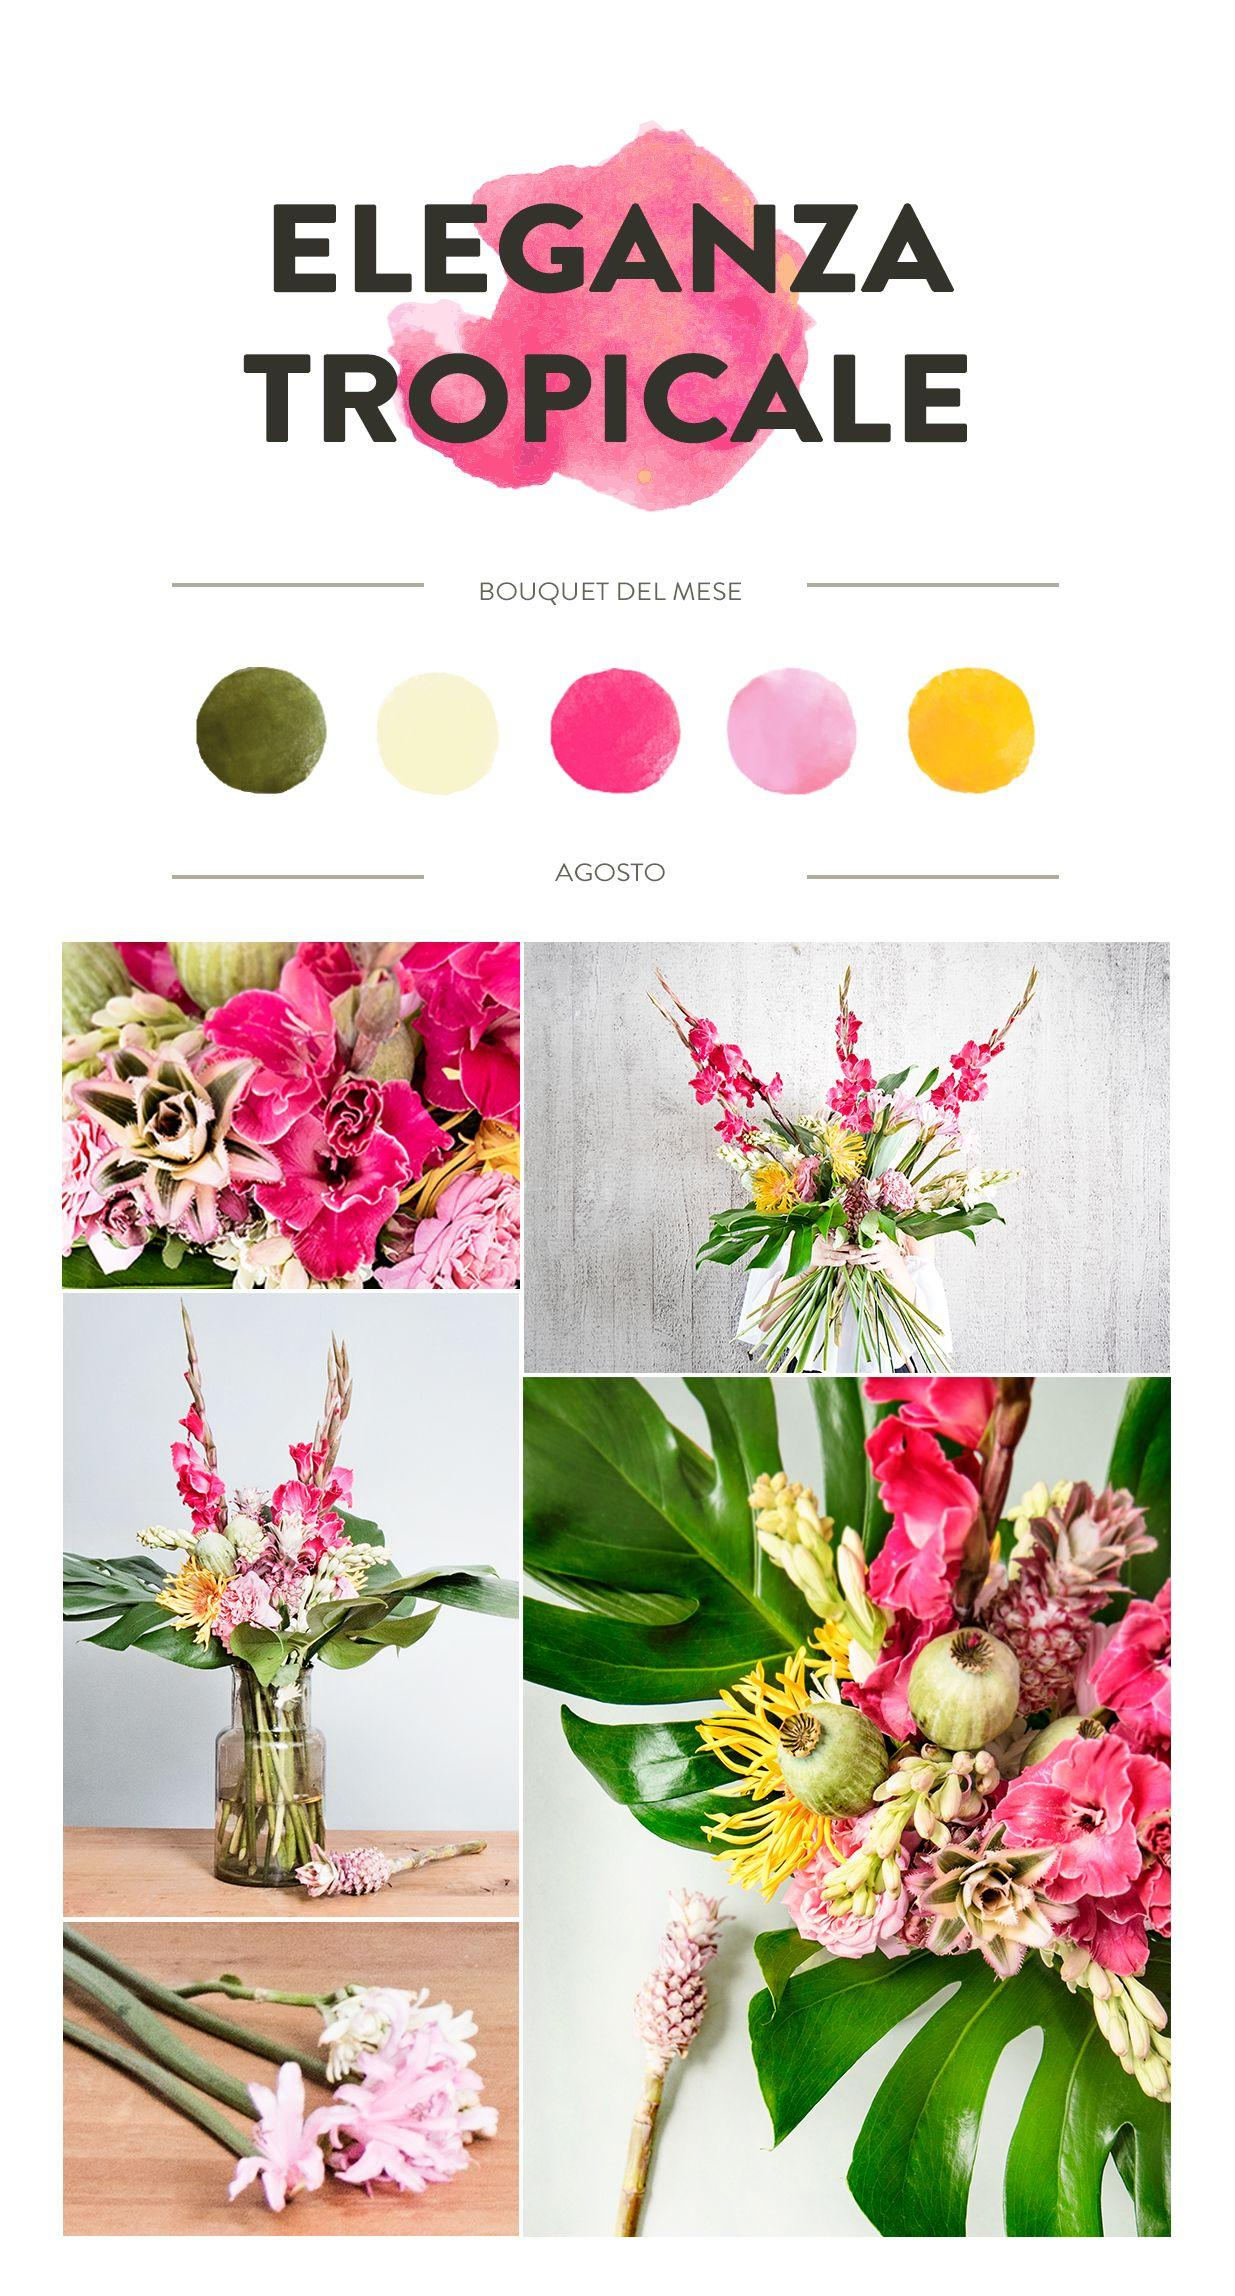 Dalani, Bouquet, Decorazioni, Fiori, Estate, Fai da Te